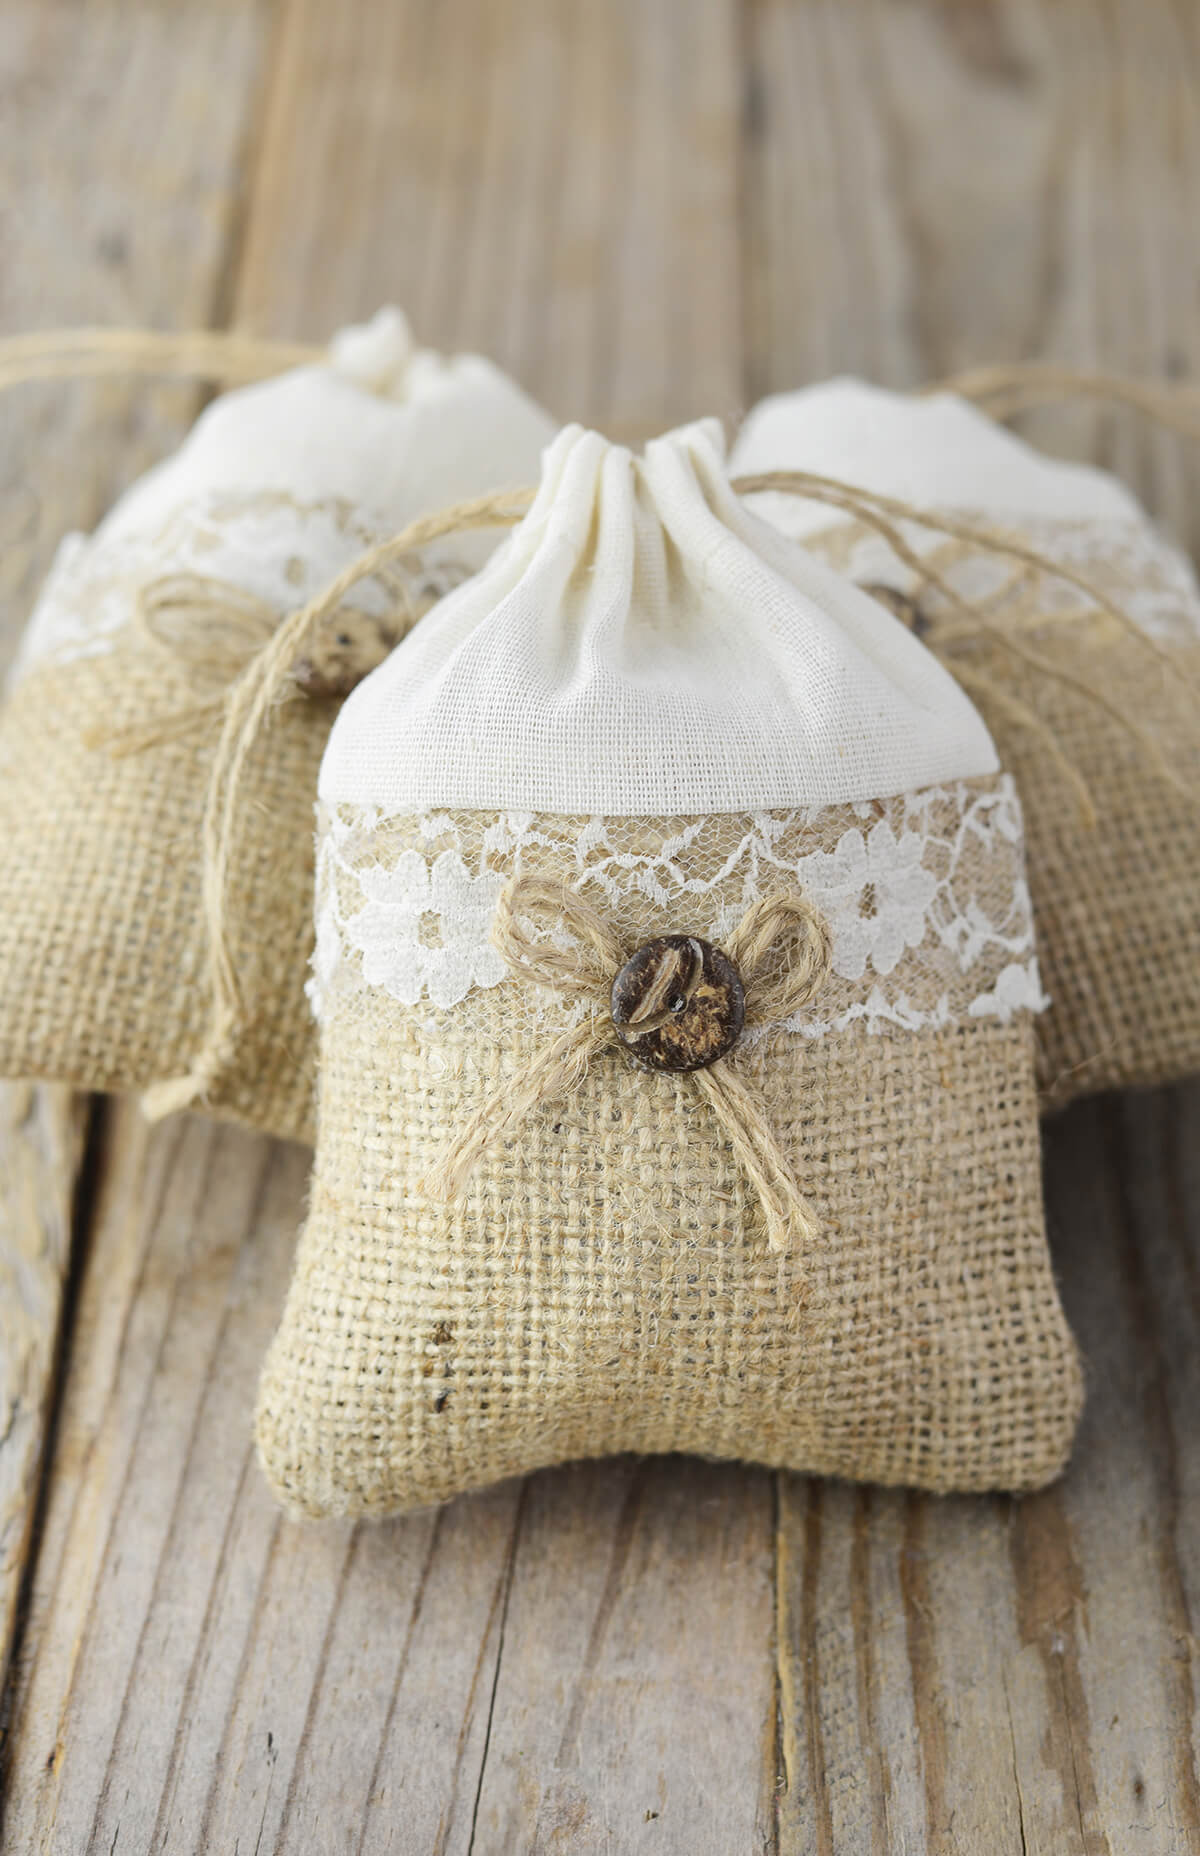 12 Burlap, Lace & Cotton 3x4 Favor Bags